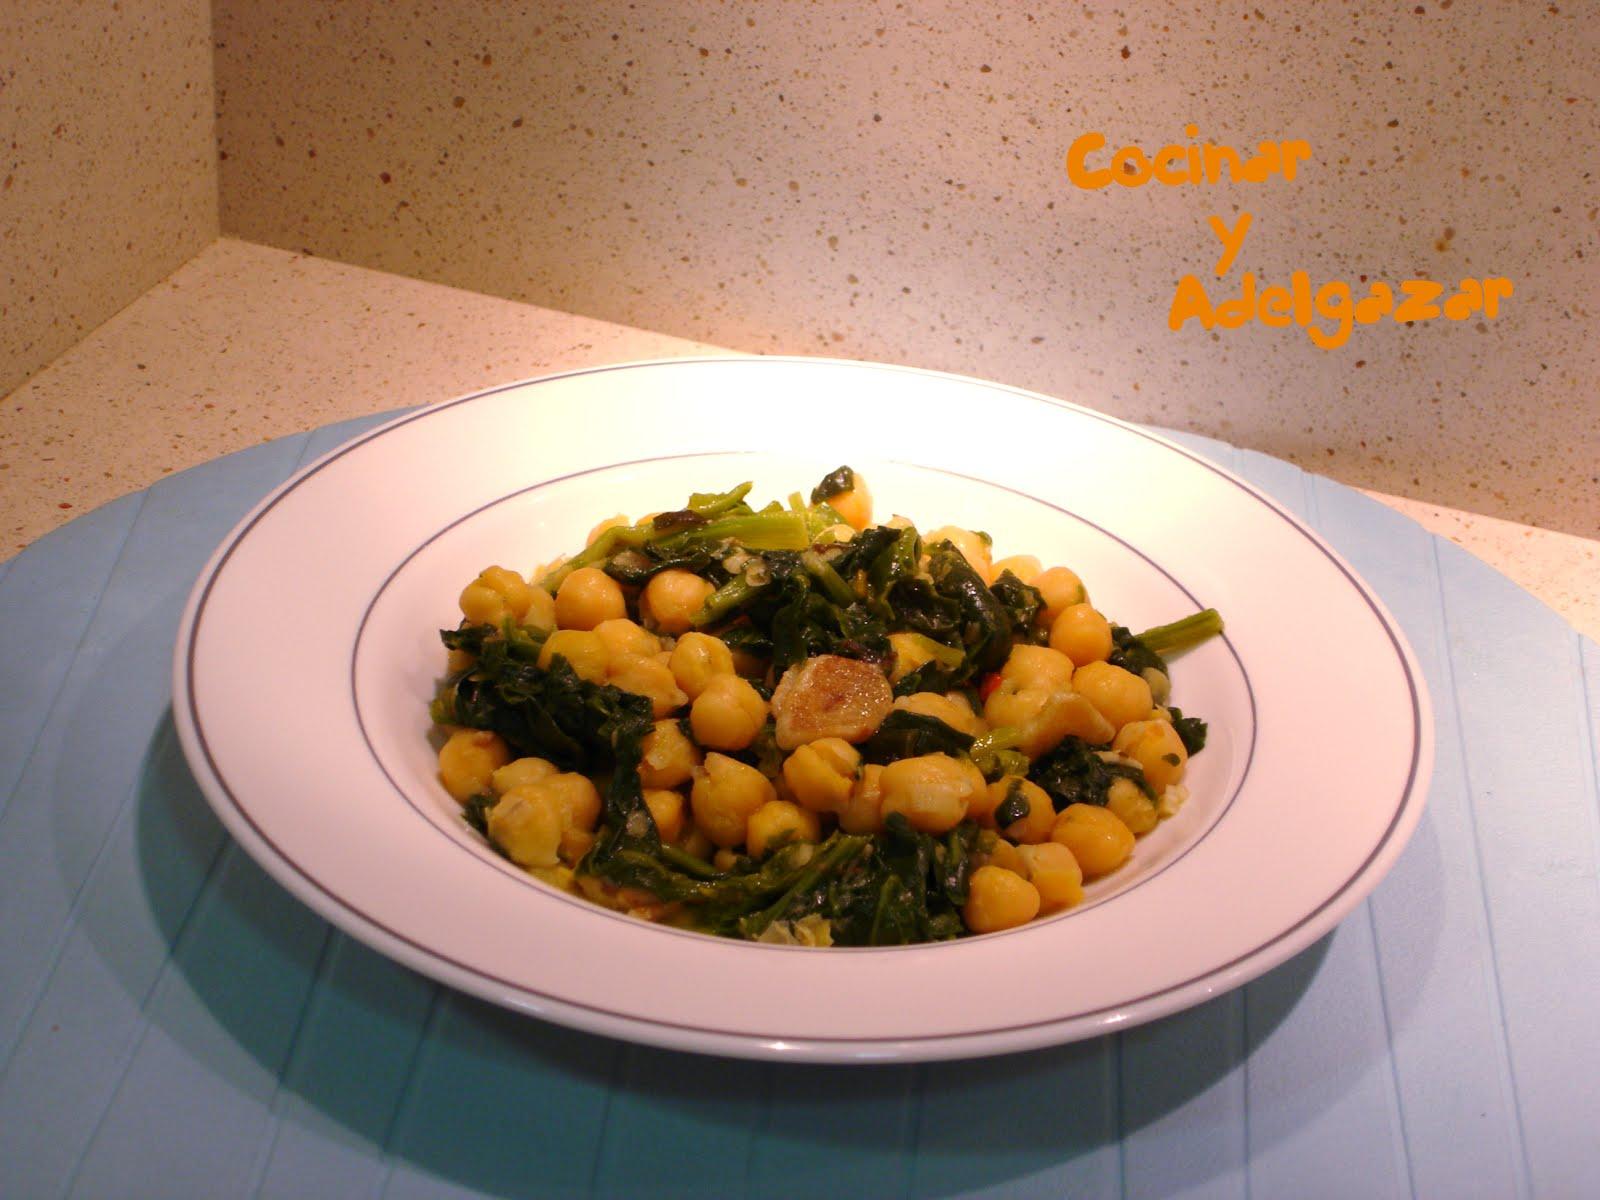 Cocinar y adelgazar las legumbres for Cocinar y adelgazar